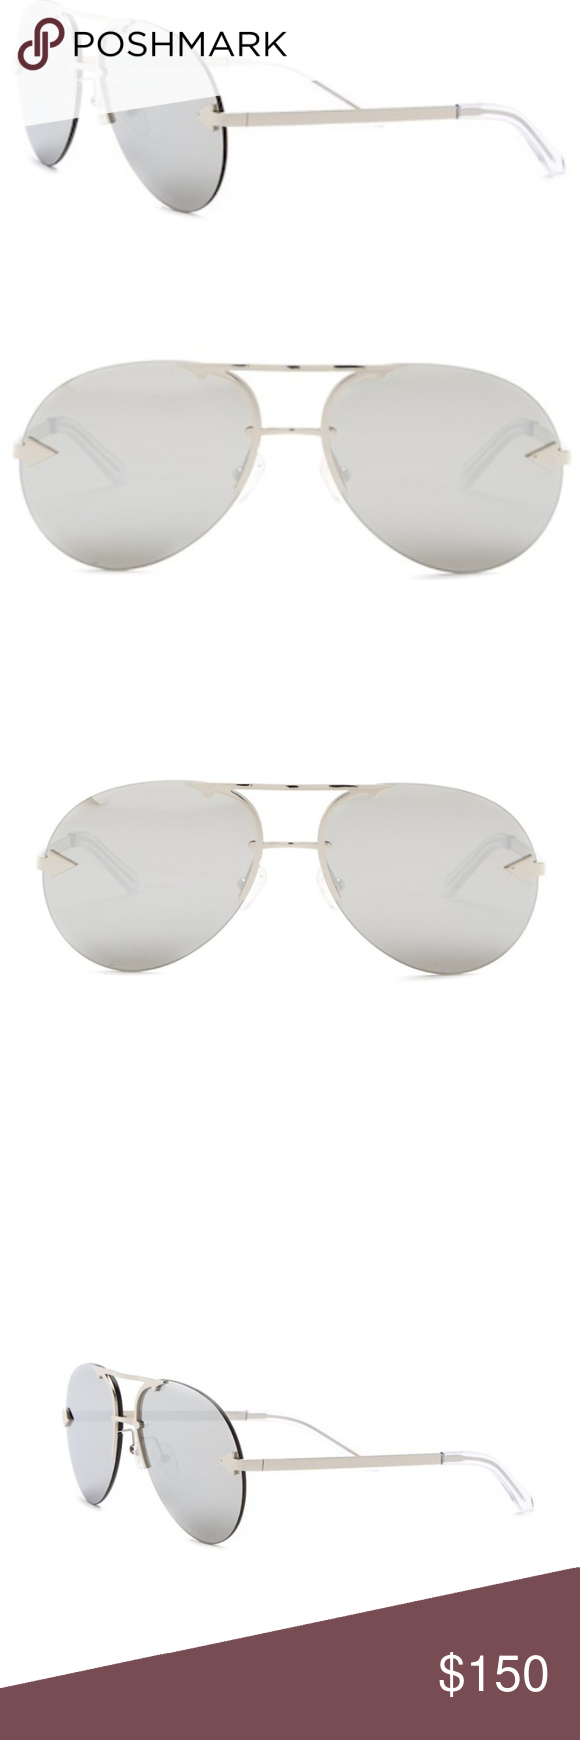 50ca5b4abbb Karen Walker Love Hangover Sunglasses - Style  Aviator - Size  Eye  65mm  Bridge